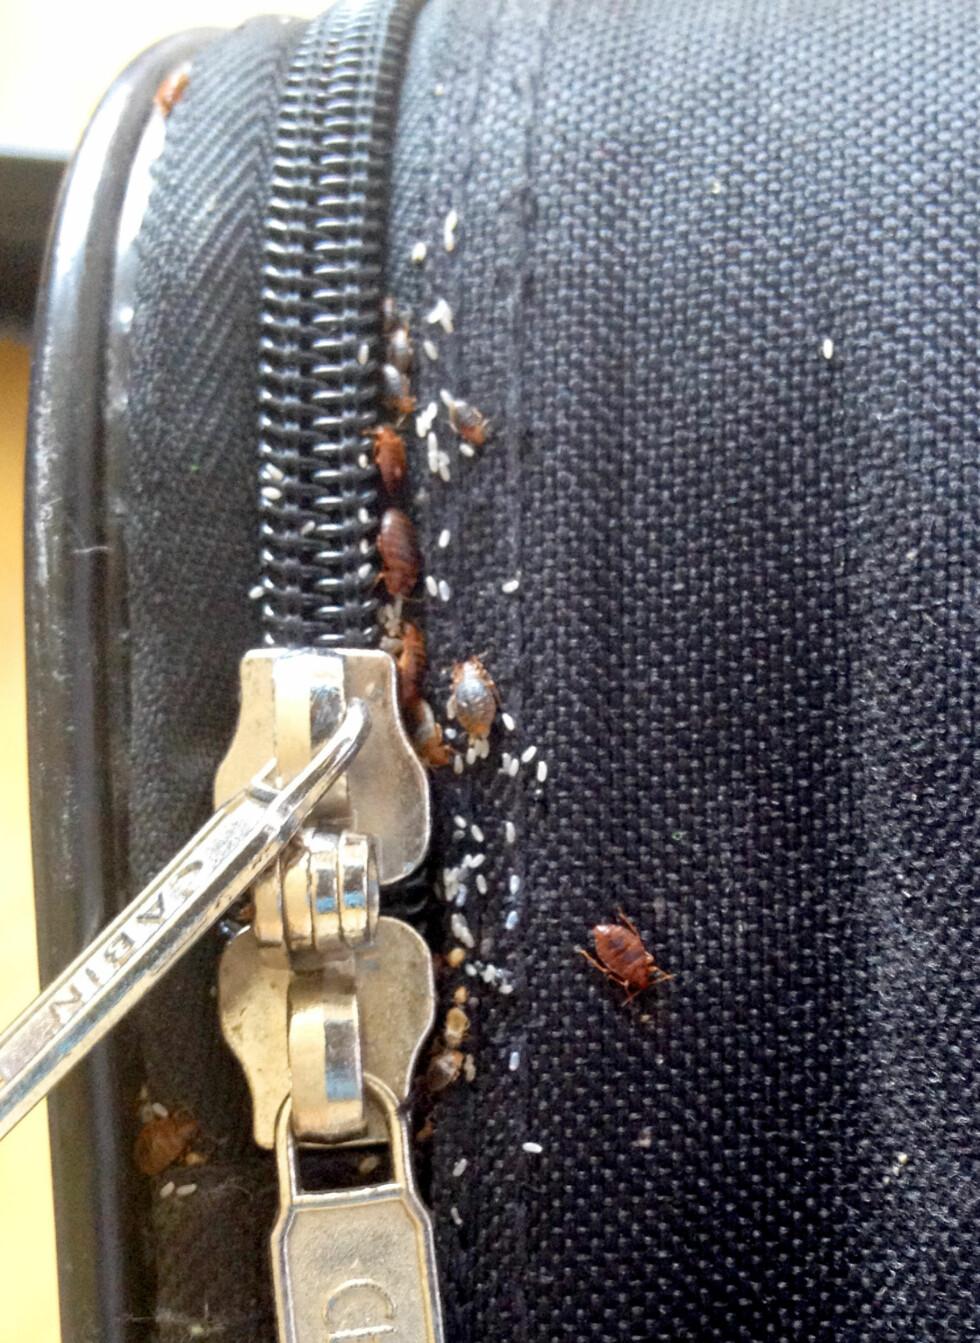 BLINDPASSASJERER? Sjekk bagasjen, dette er ikke harmløse små insekter - det er veggedyr. Foto: DOGPOINT